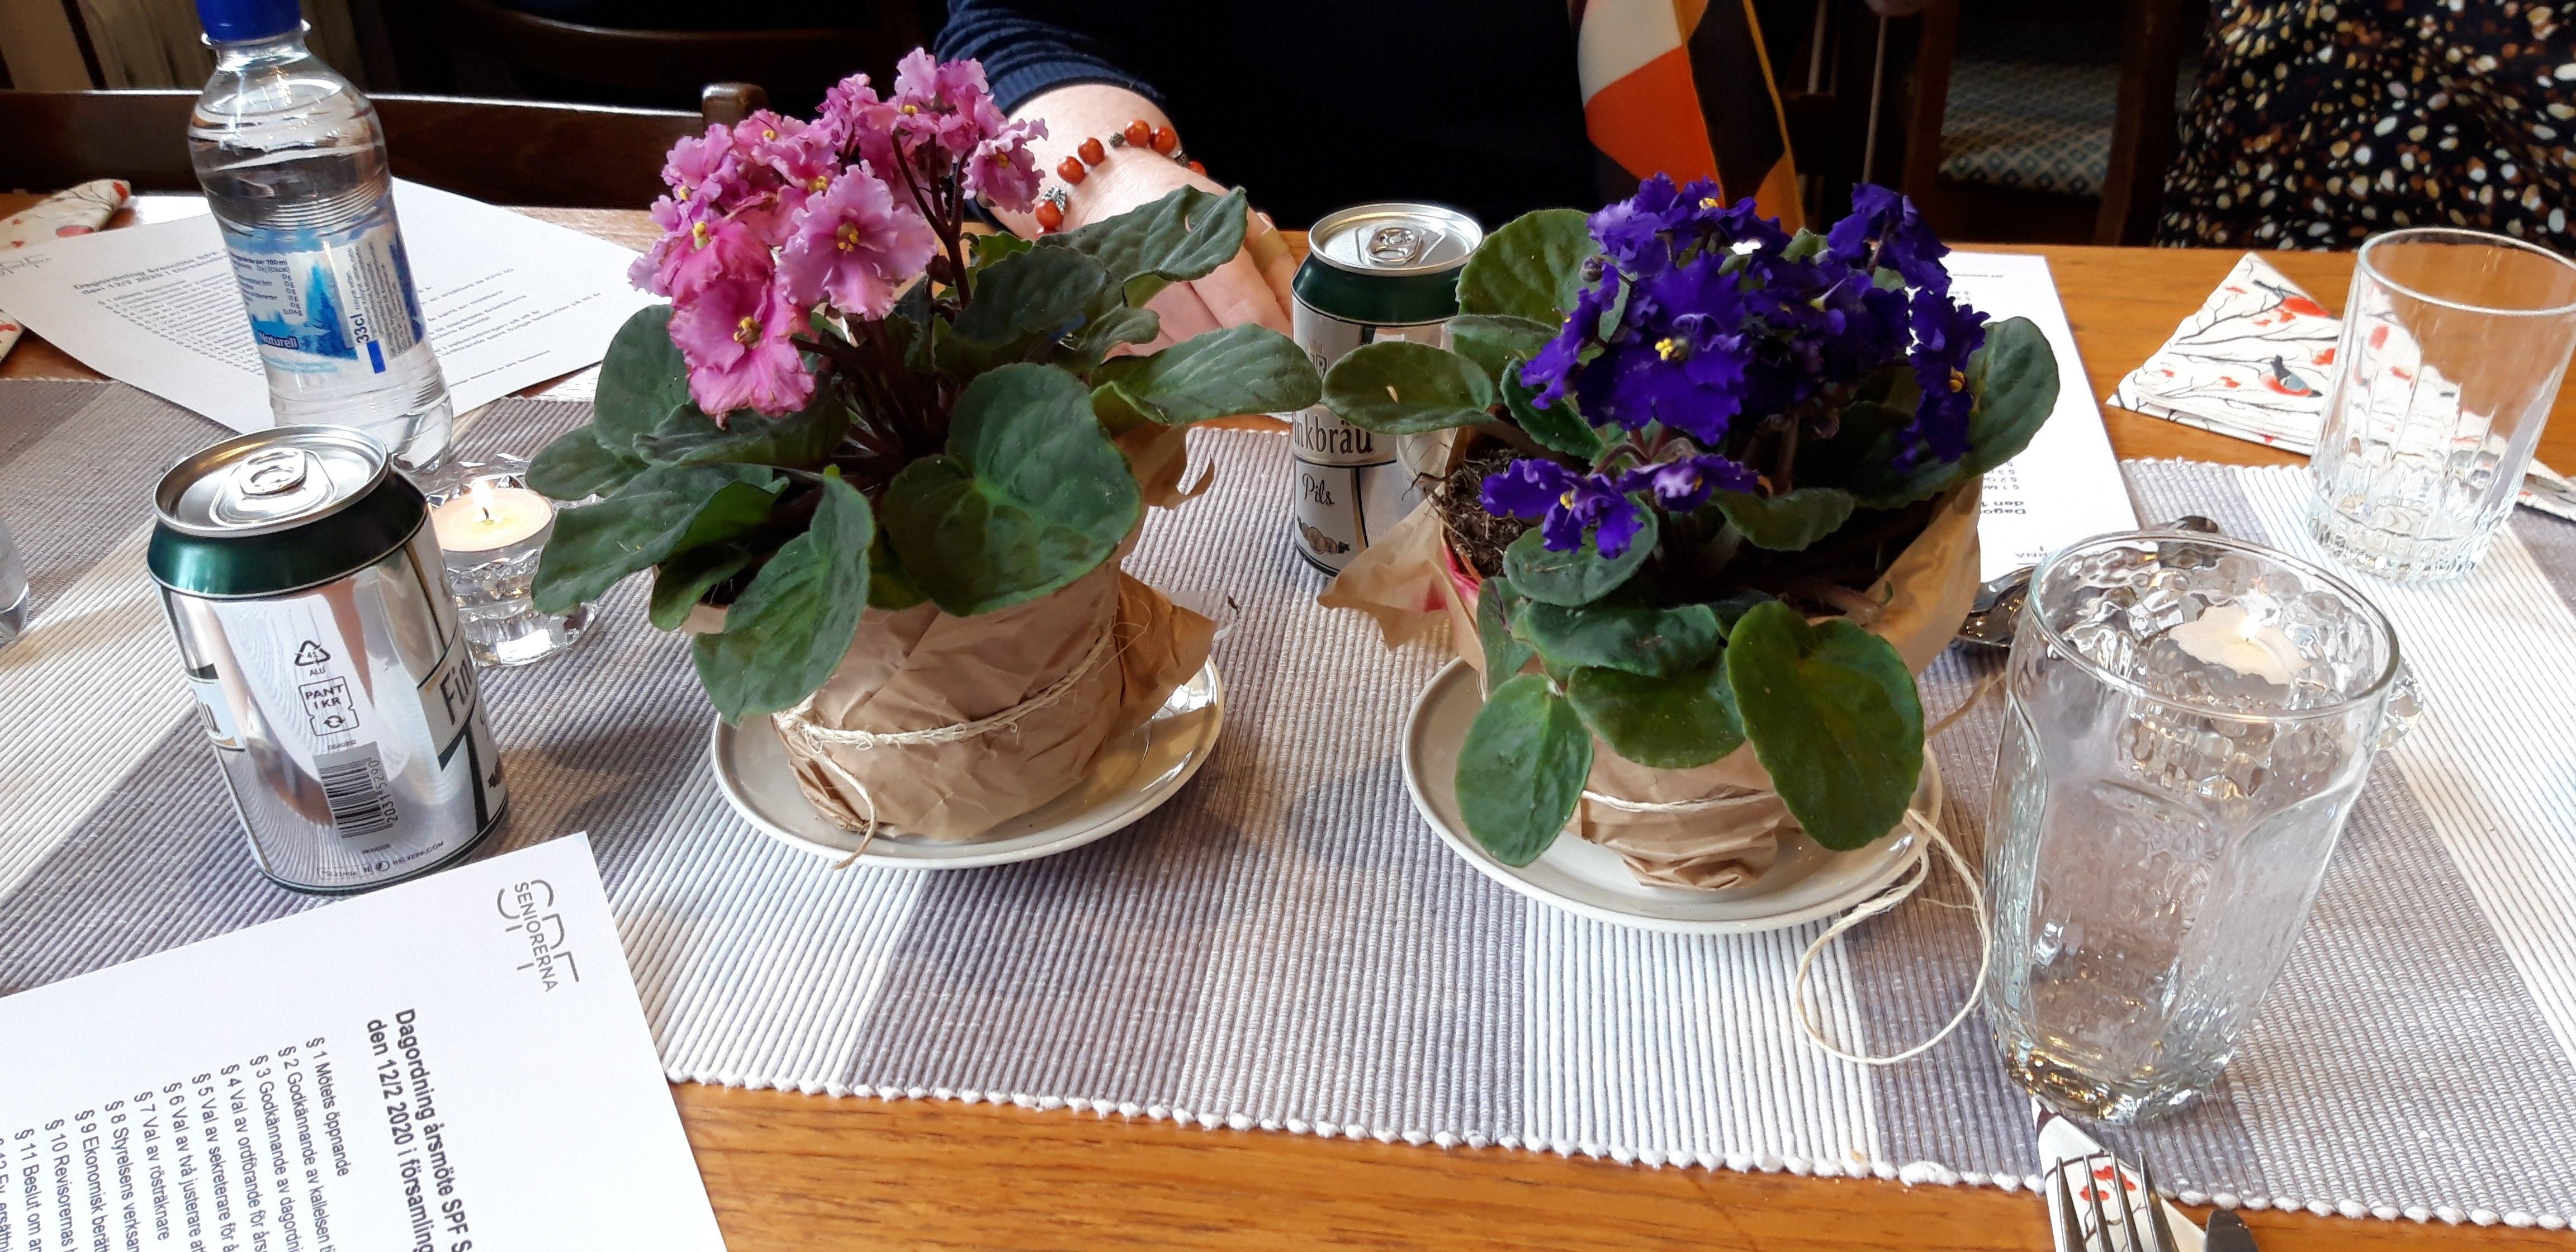 Blommor av olika slag och färger